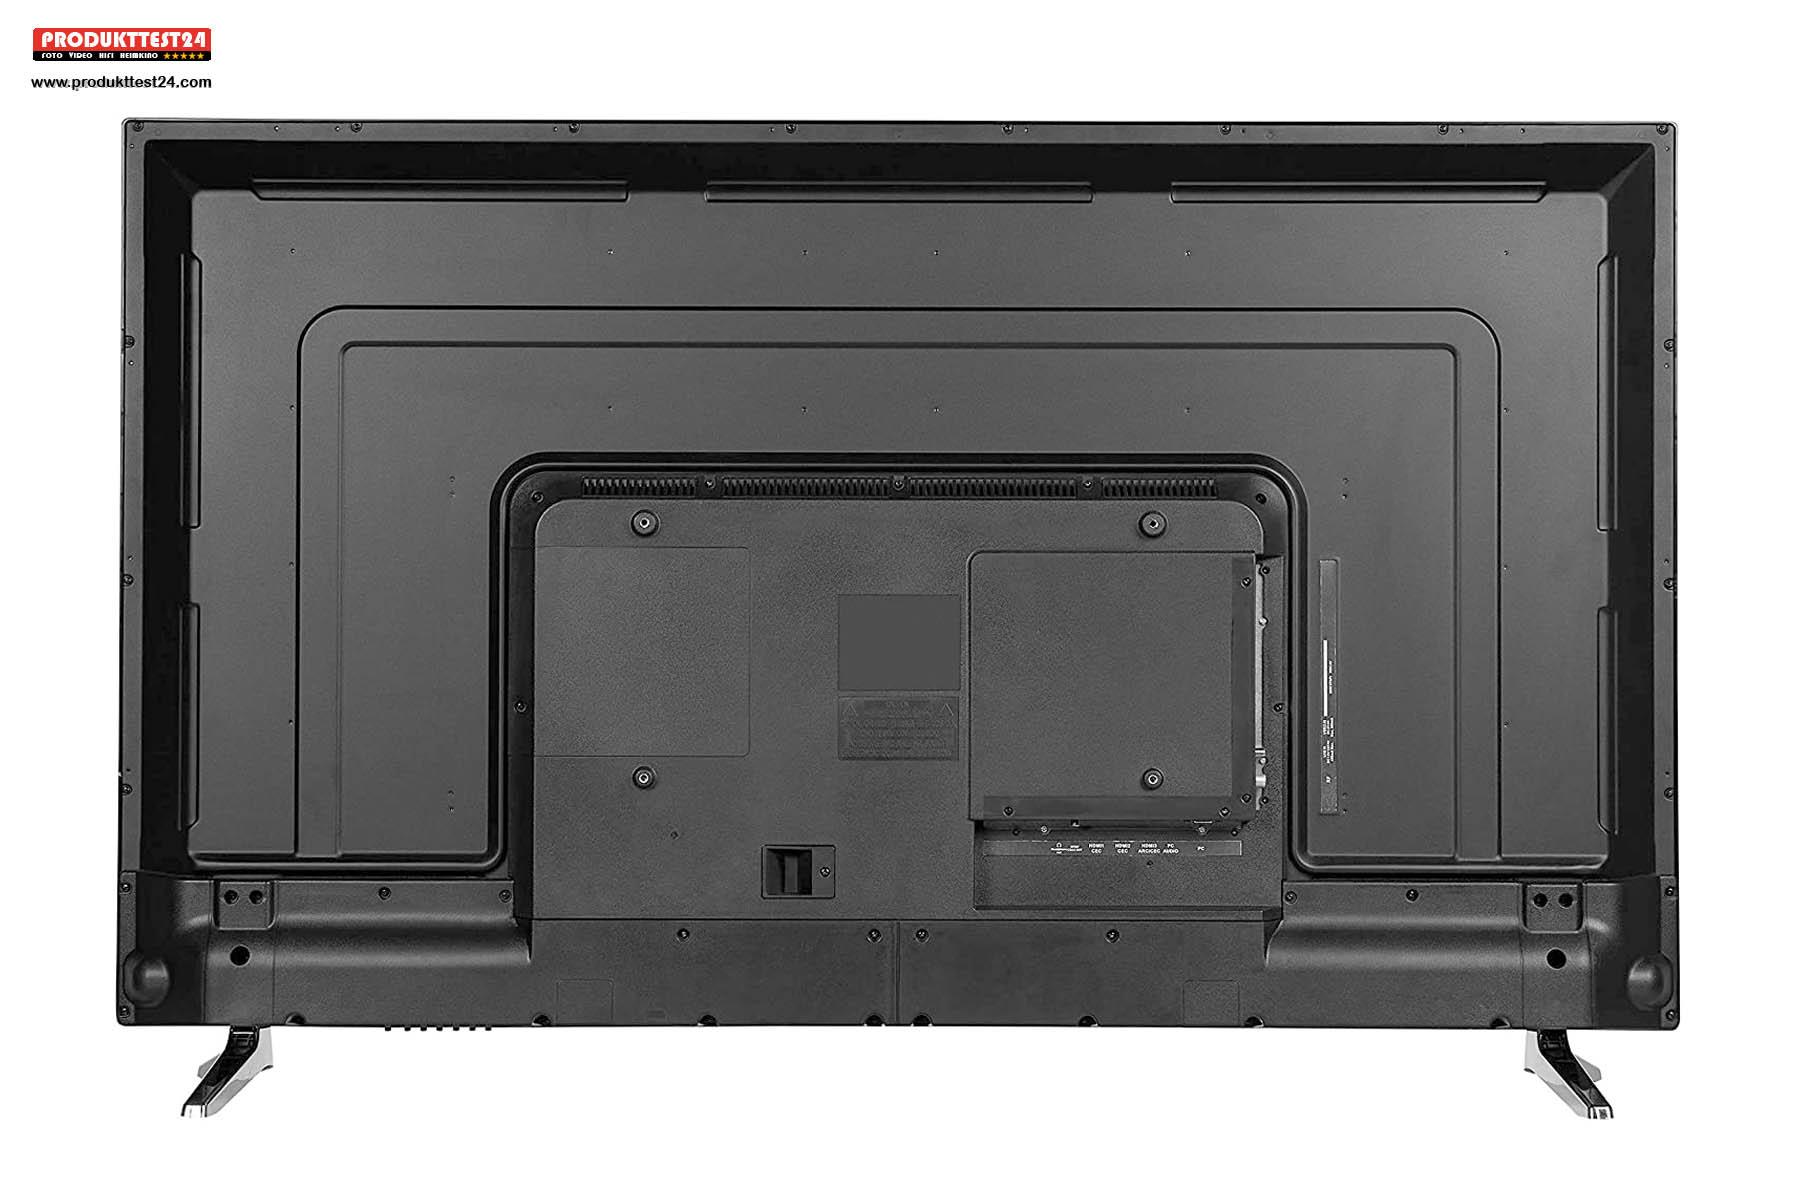 Die Rückseite des MEDION P15511 ist schlicht gehalten.